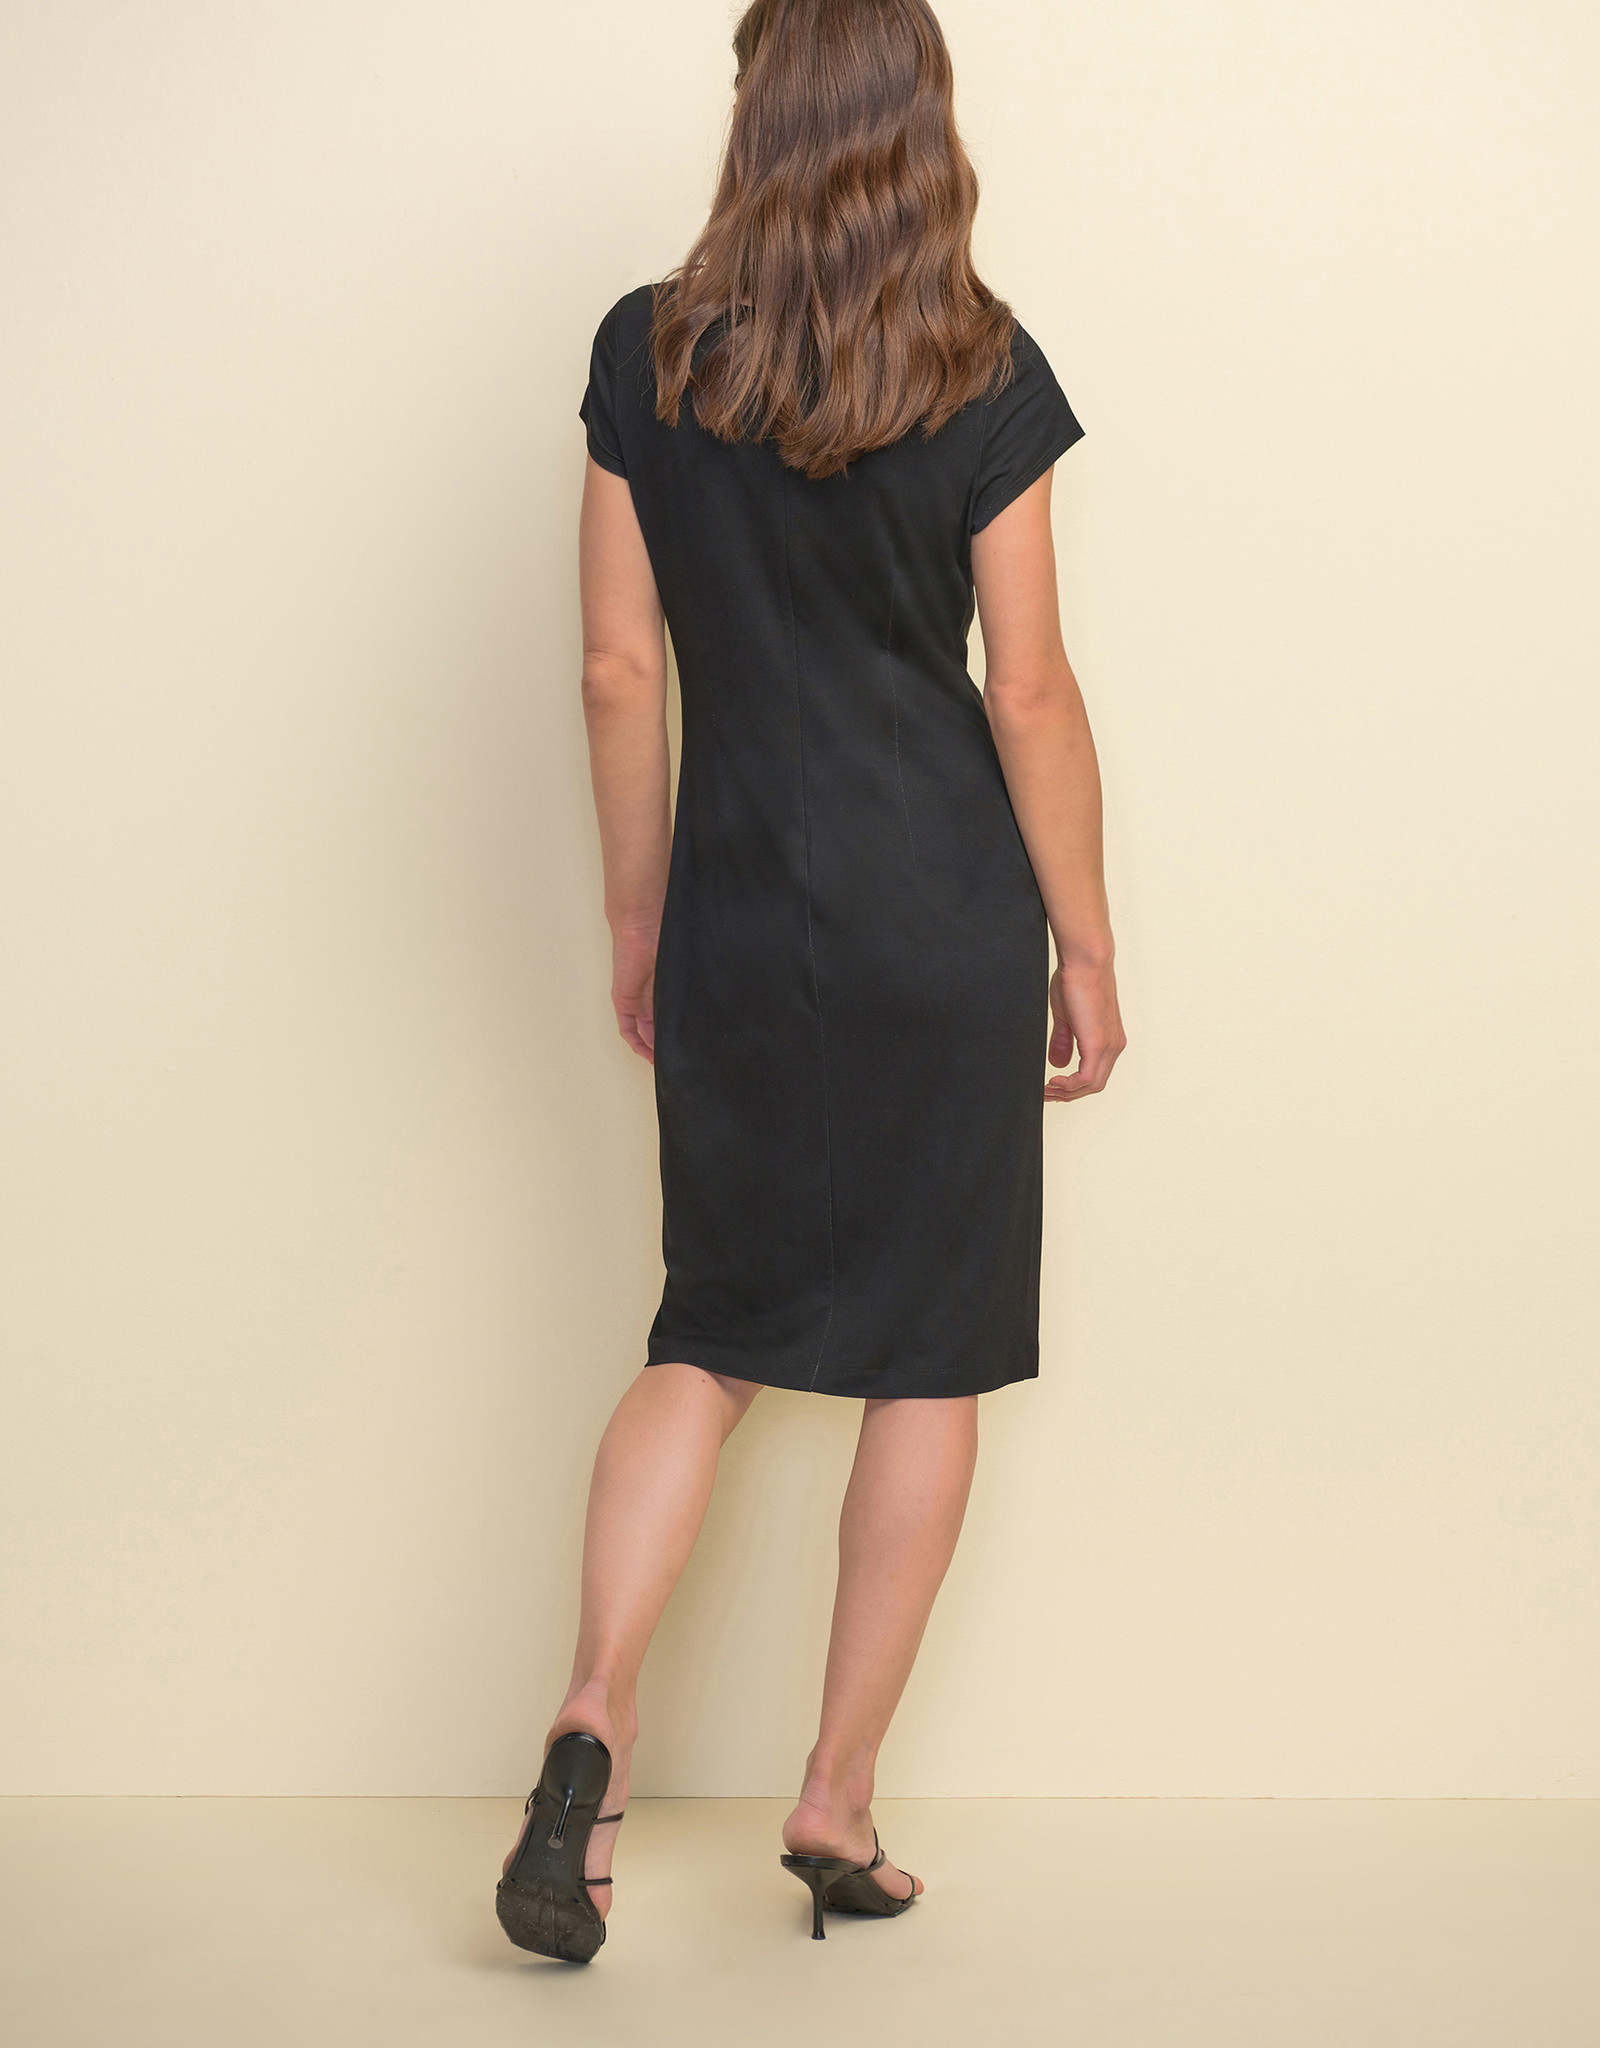 Joseph Ribkoff Joseph Ribkoff 211344 Cap Sleeve Dress